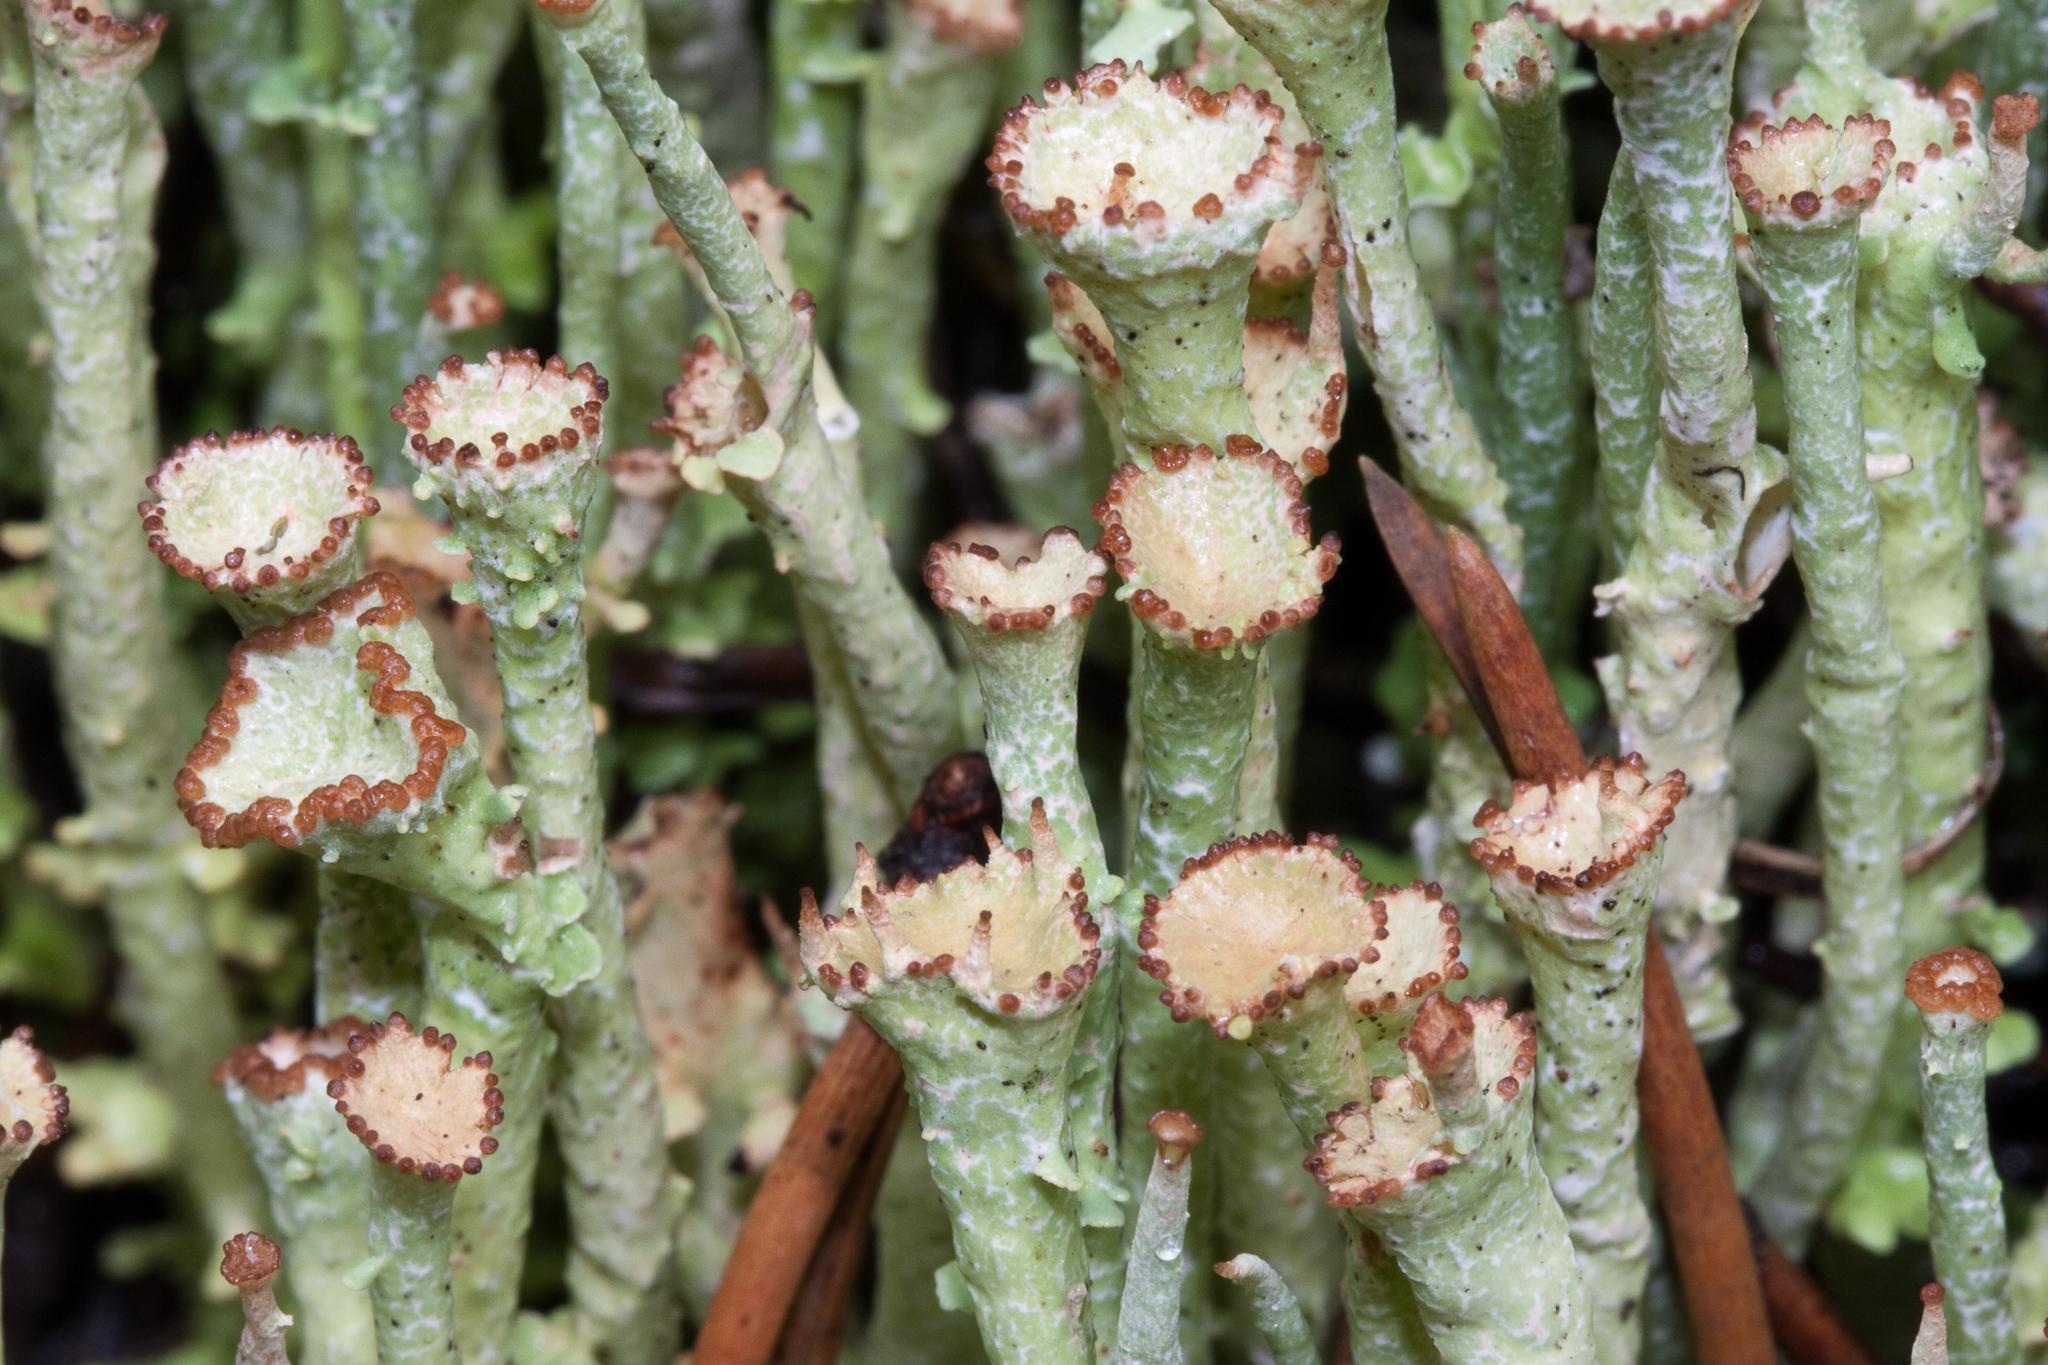 Cladonia ecmocyna subsp. ecmocyna image